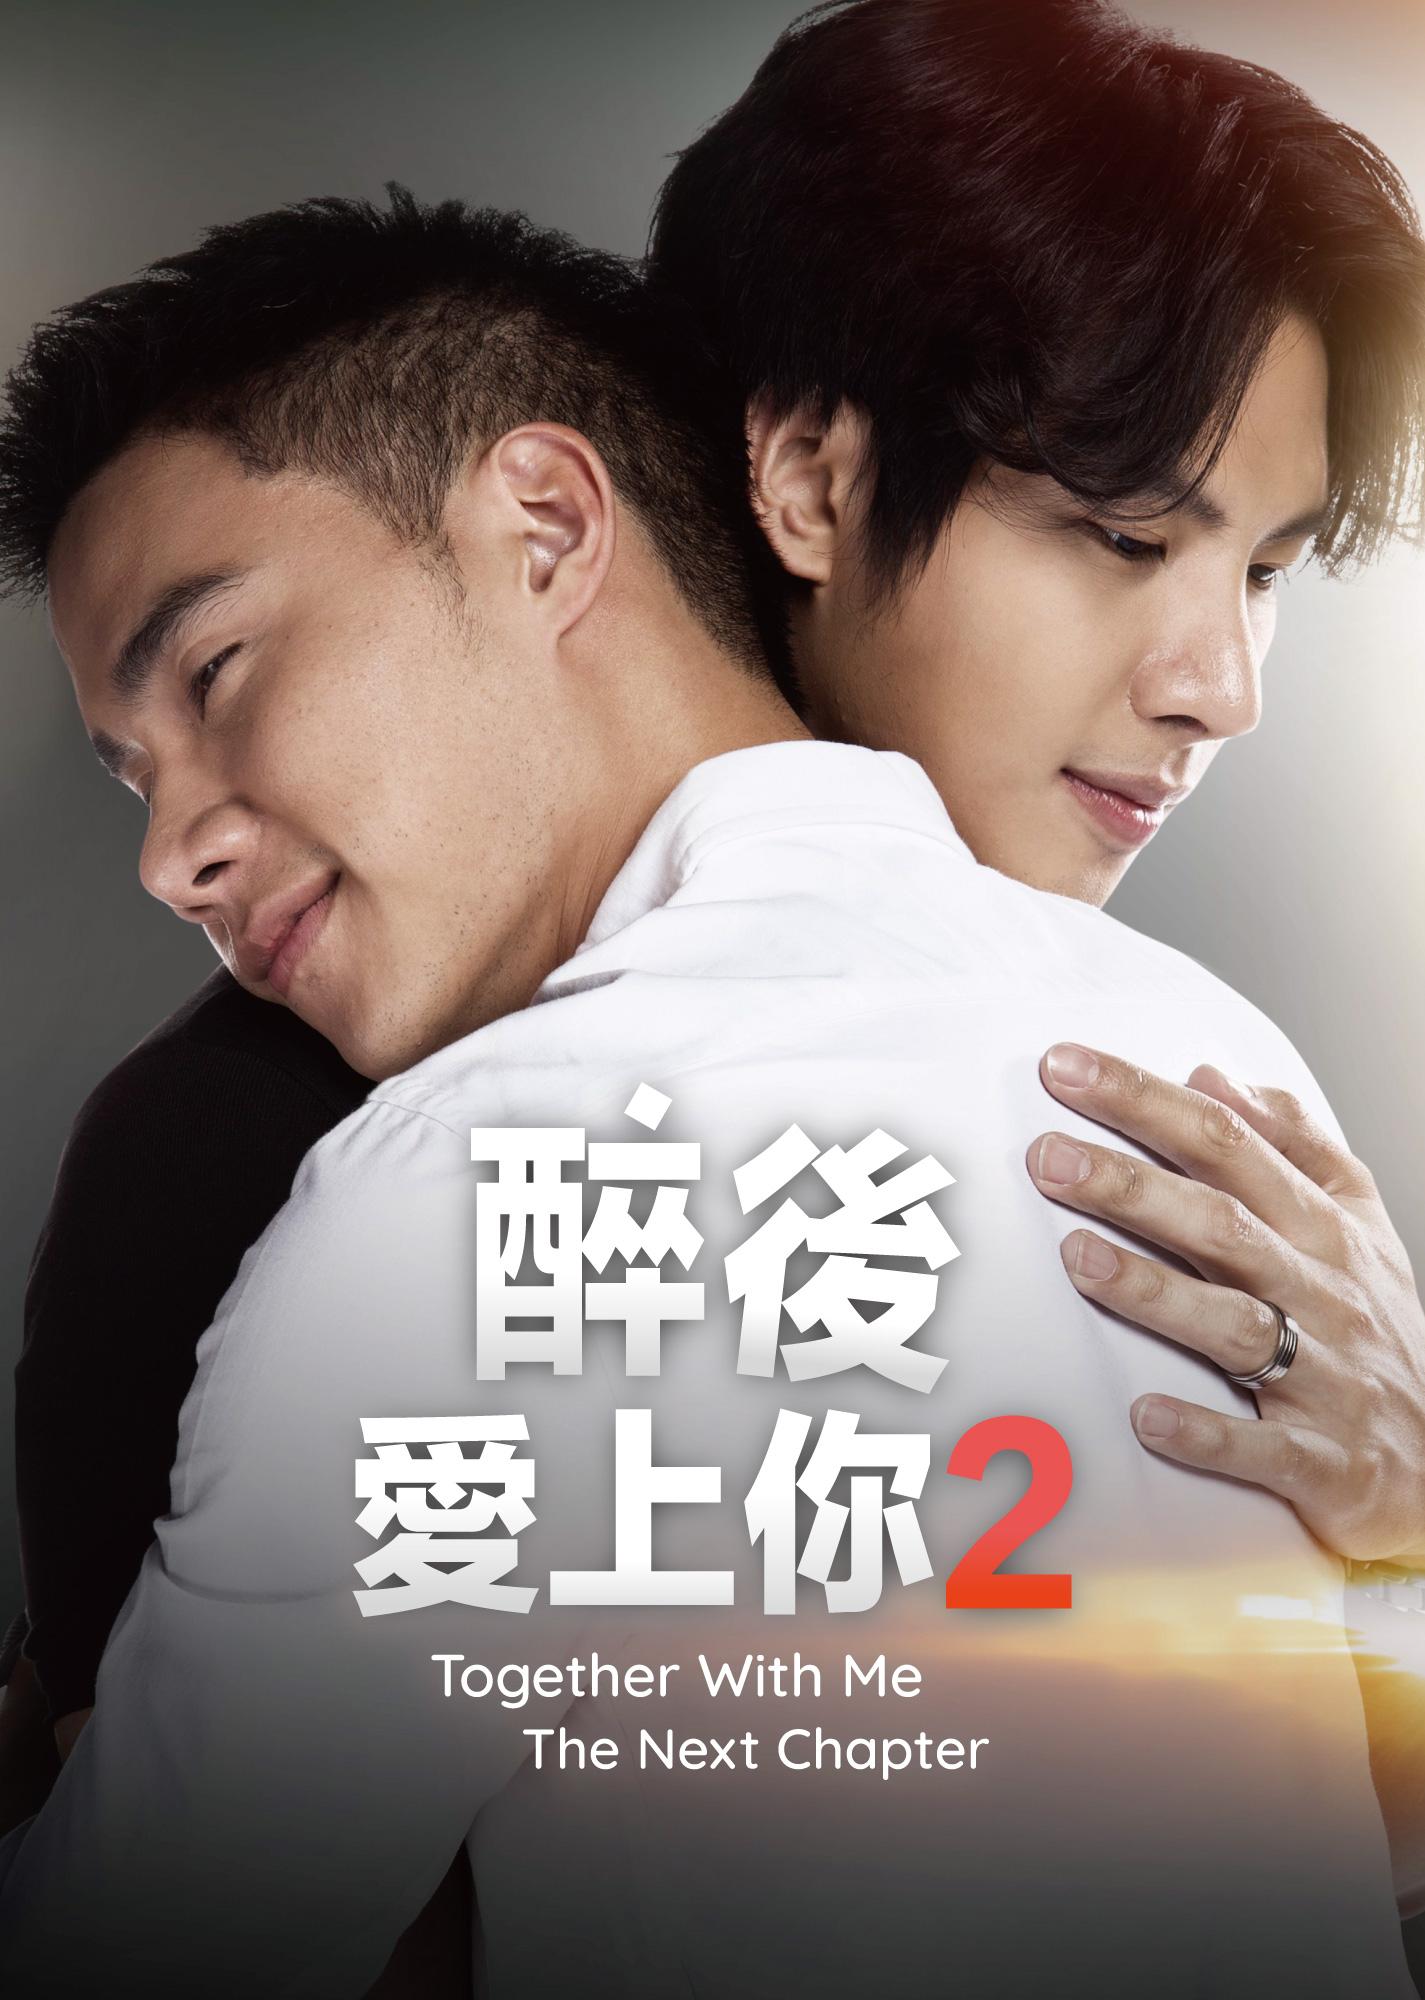 醉後愛上你2(Together With Me The Next Chapter)